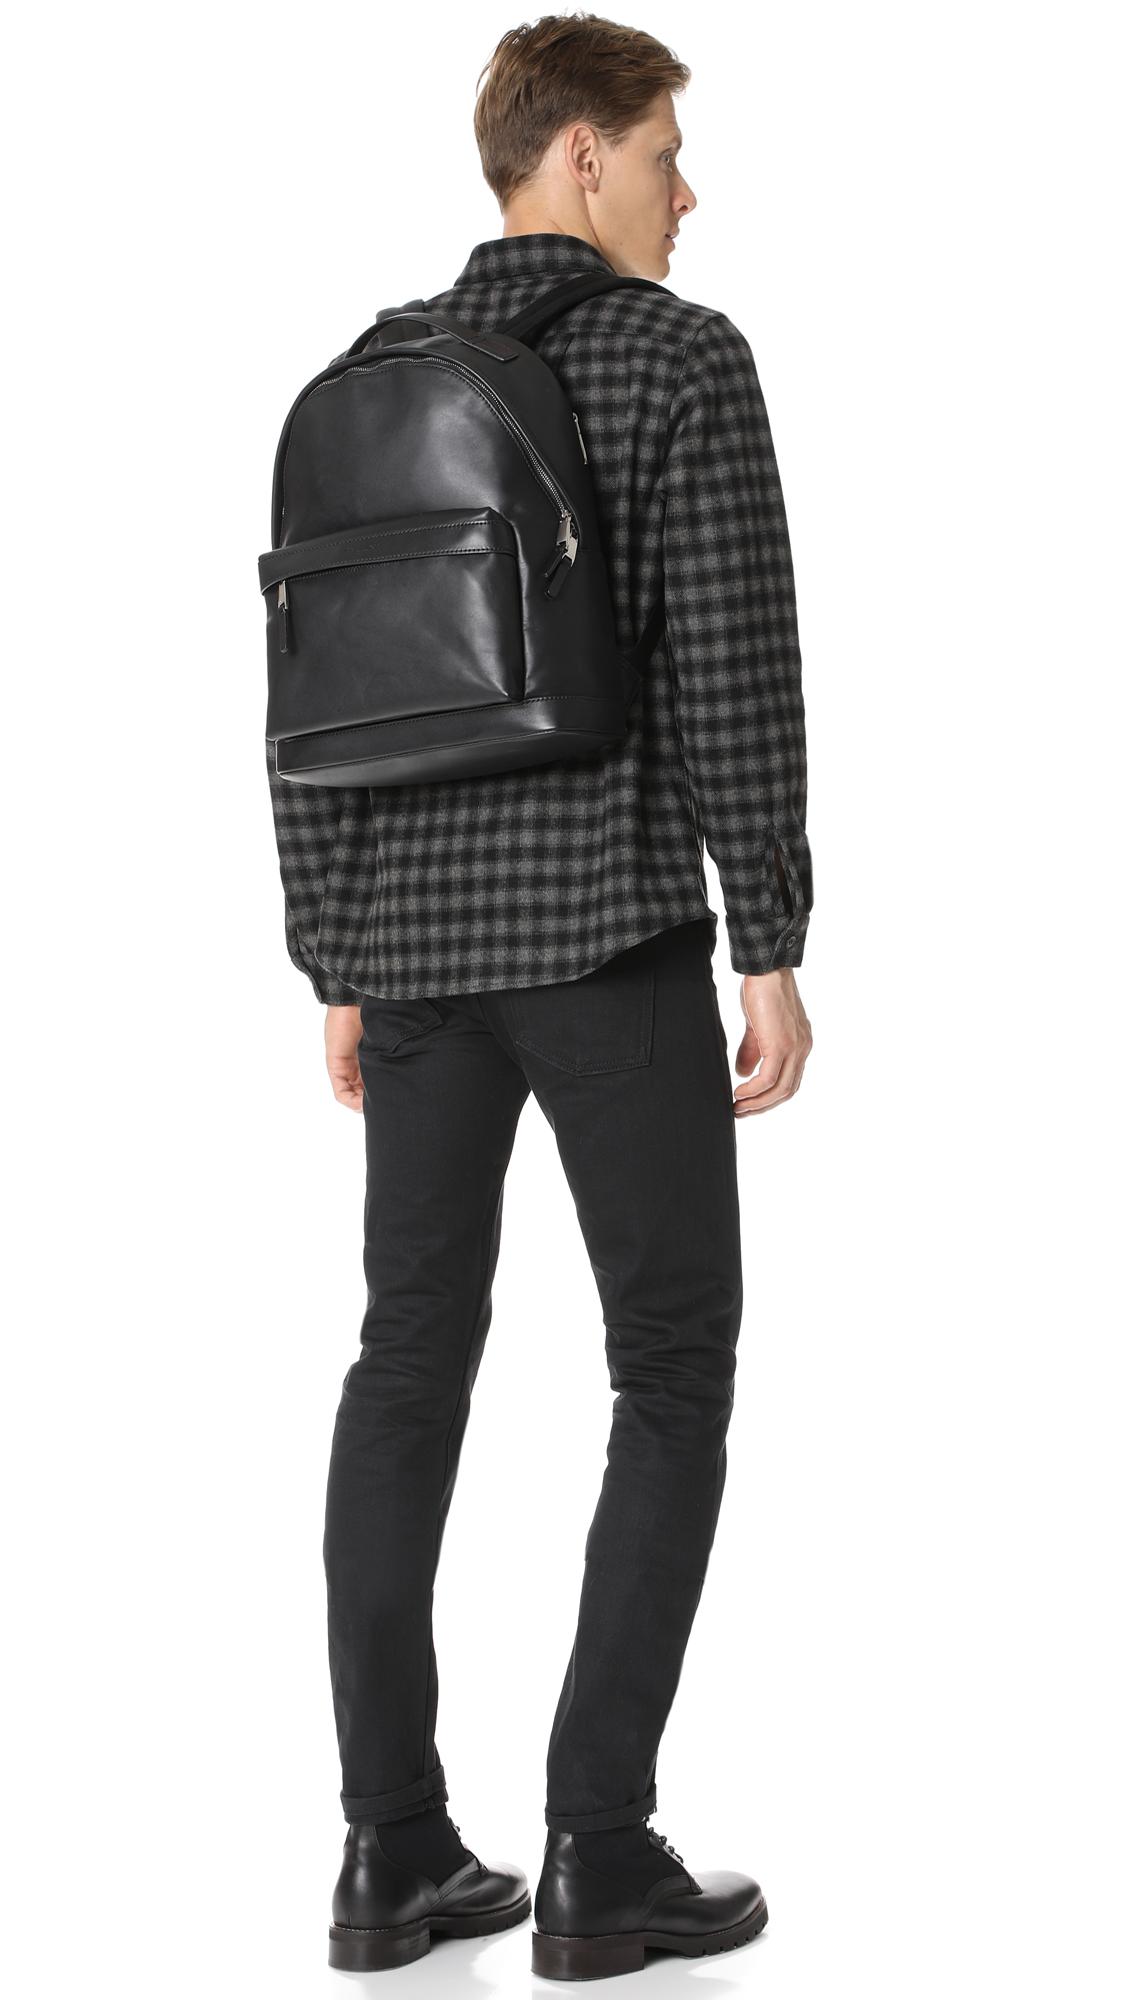 64bd1ca5f202 Michael Kors Odin Backpack | SHOPBOP